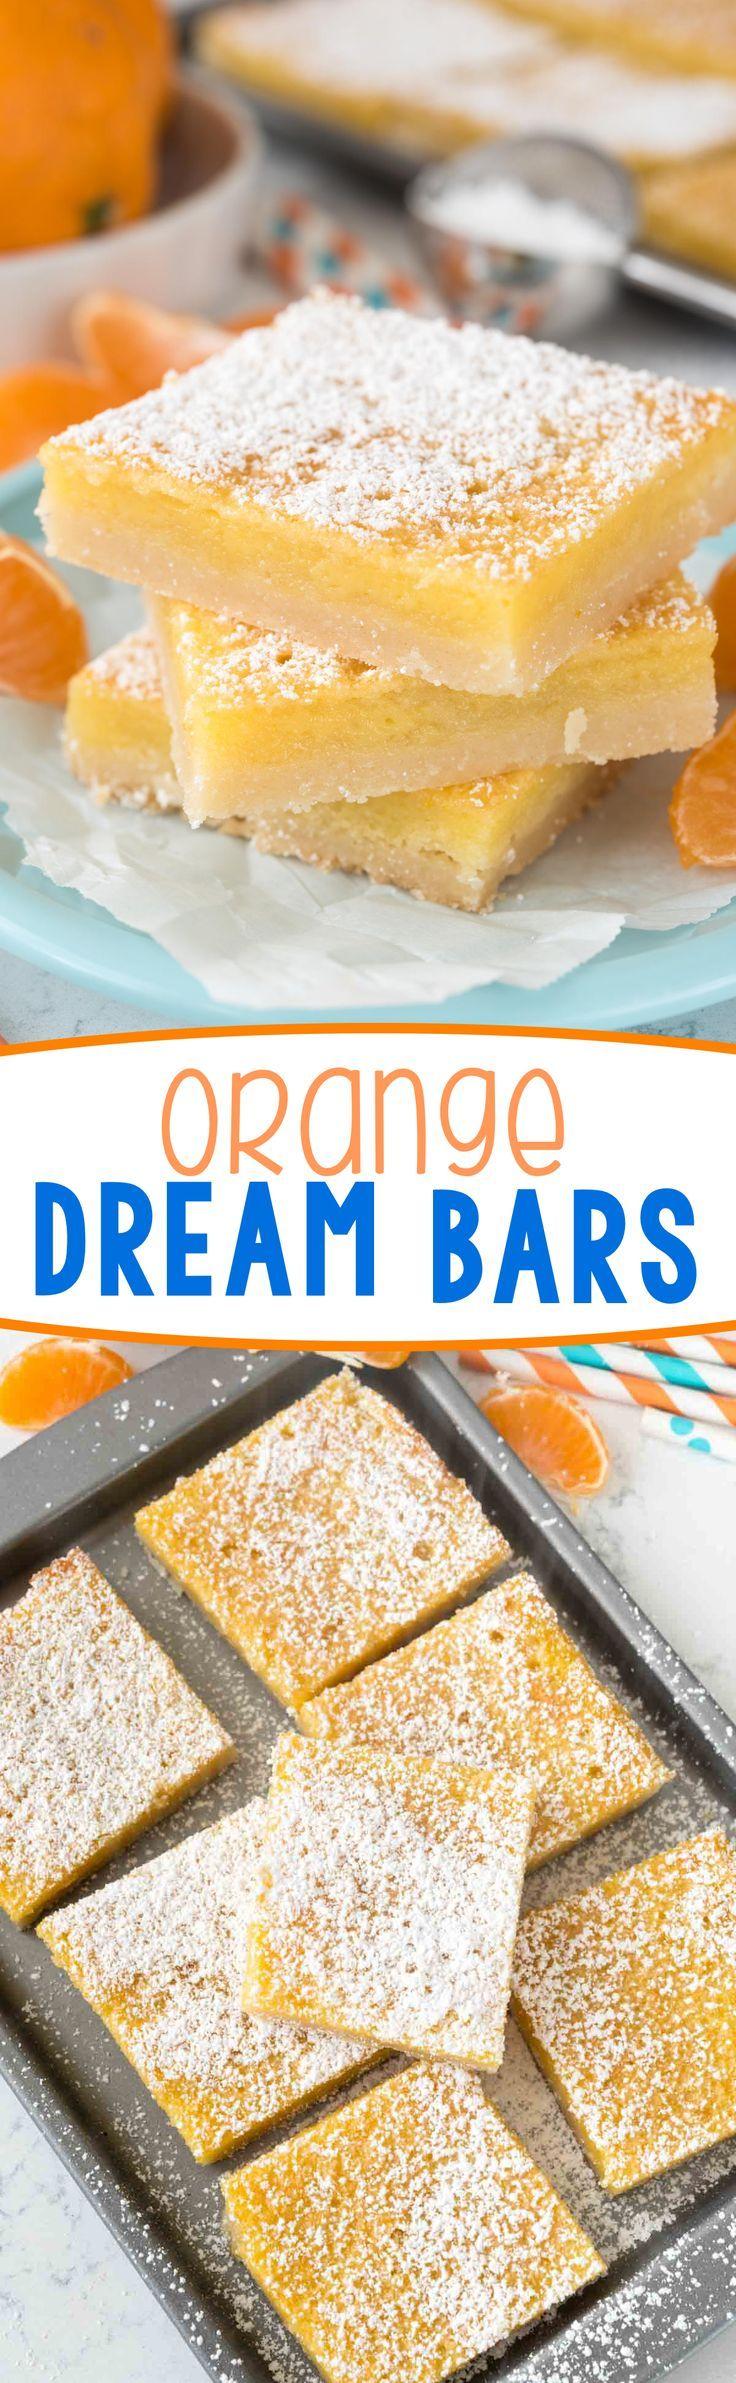 Orange Dream Bars